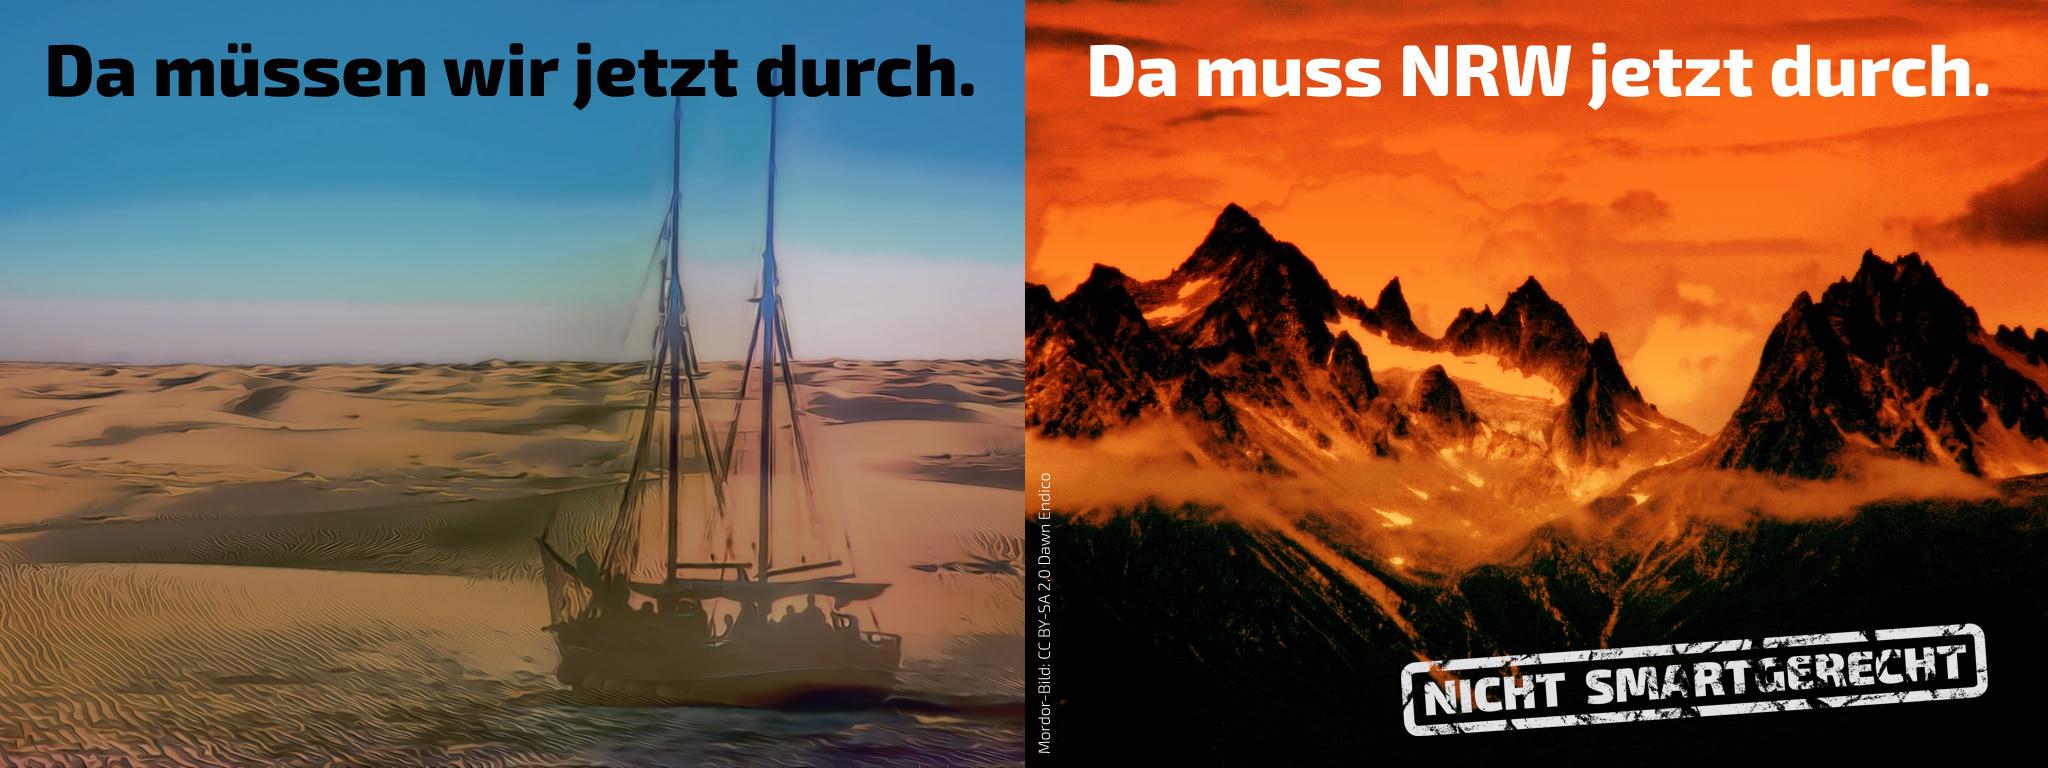 Piraten in der Wüste - NRW von der dunklen Seite der Macht eingenommen